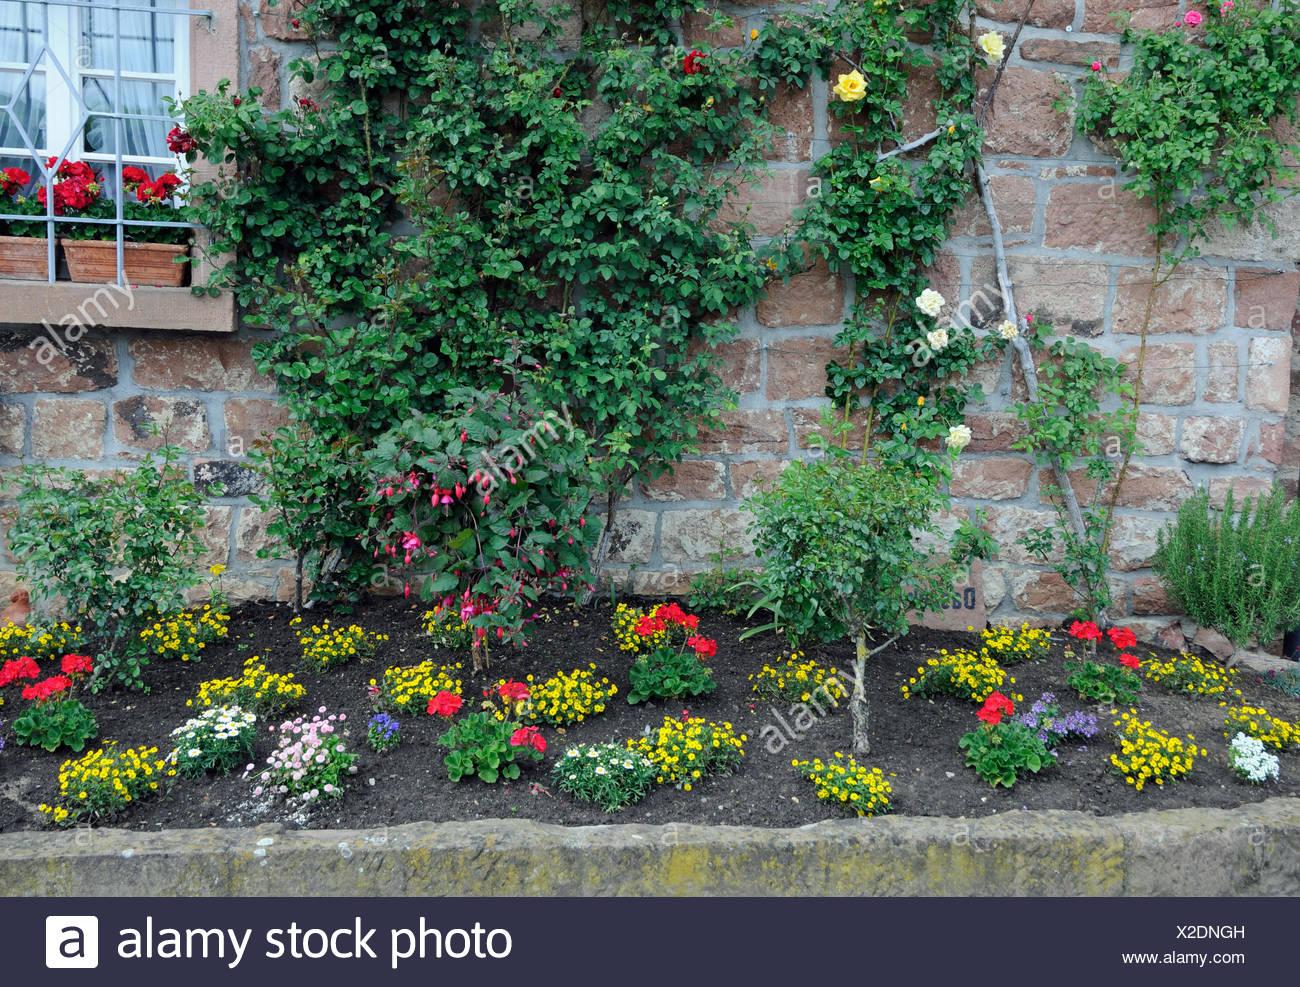 blumenrabatte rabatte blumen zierpflanzen garten park blumenbeet stadtmauer mauer eberbach frhling frhjahr X2DNGH